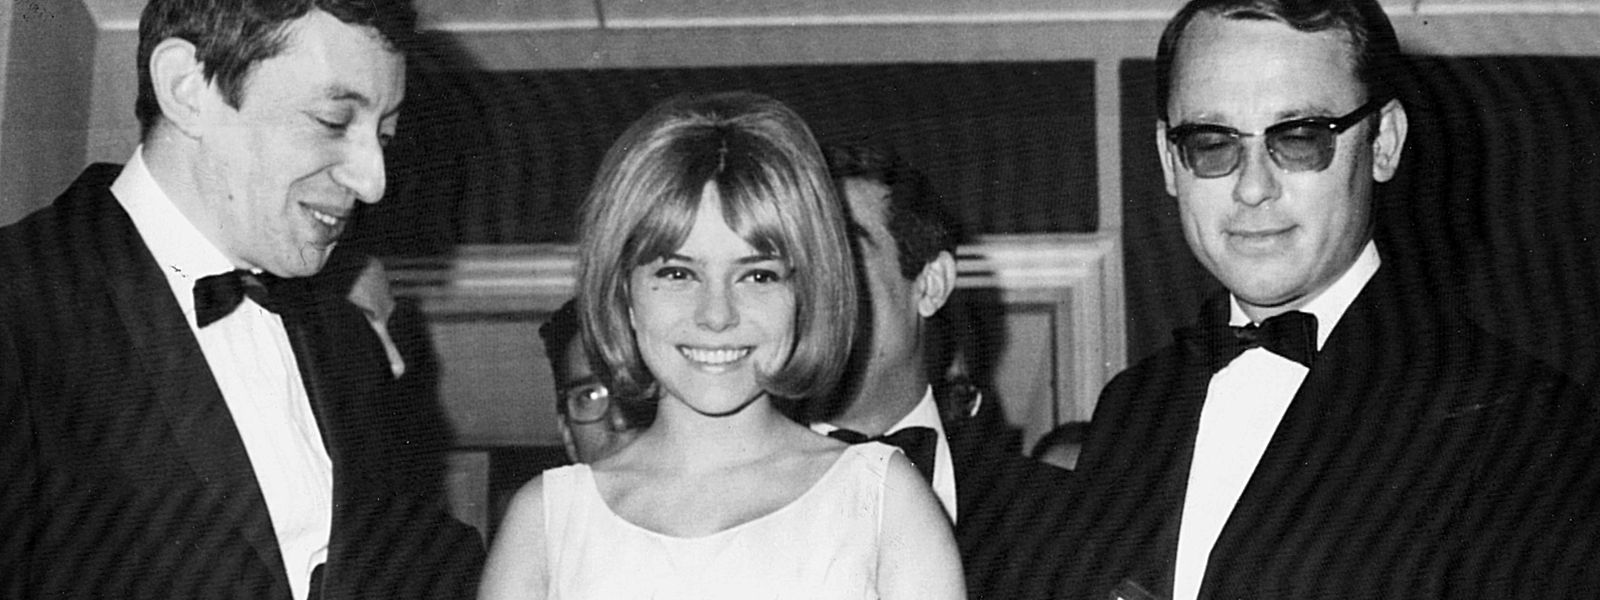 La chanteuse avait eu un cancer du sein un an après le décès subit de son époux Michel Berger en 1992 à 44 ans, d'un infarctus.